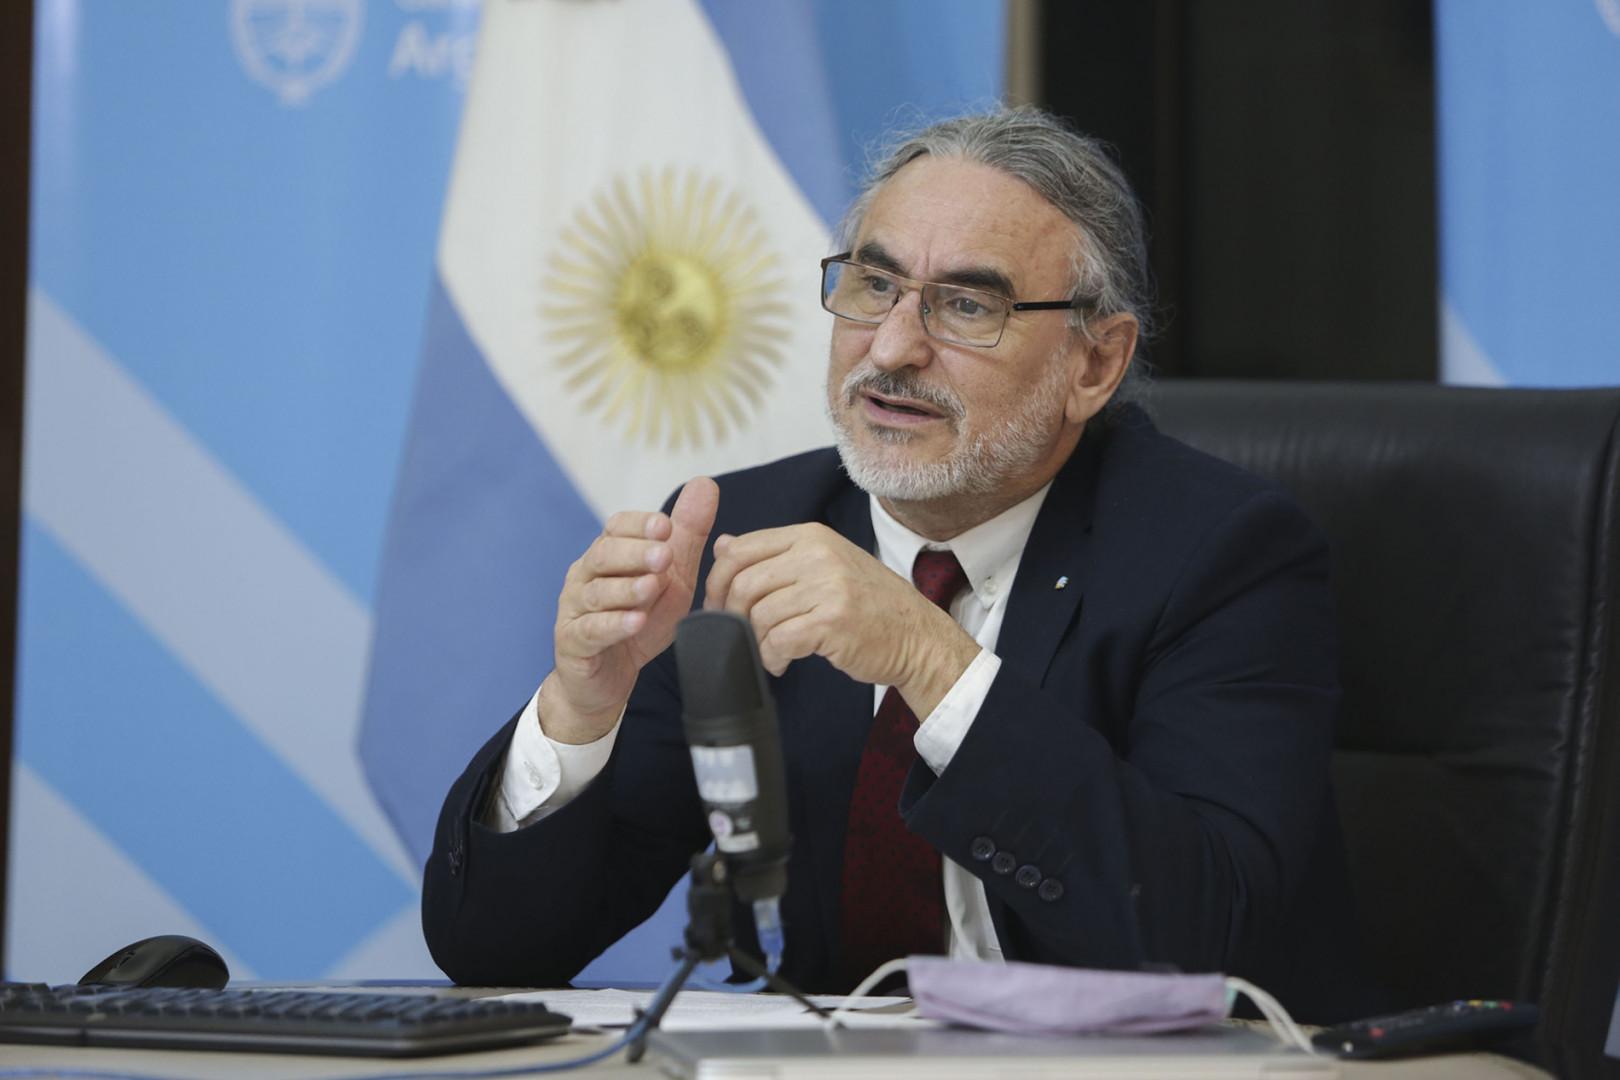 Día Nacional de la Avicultura: una cadena estratégica, dinamizadora de  nuestras economías regionales   Argentina.gob.ar